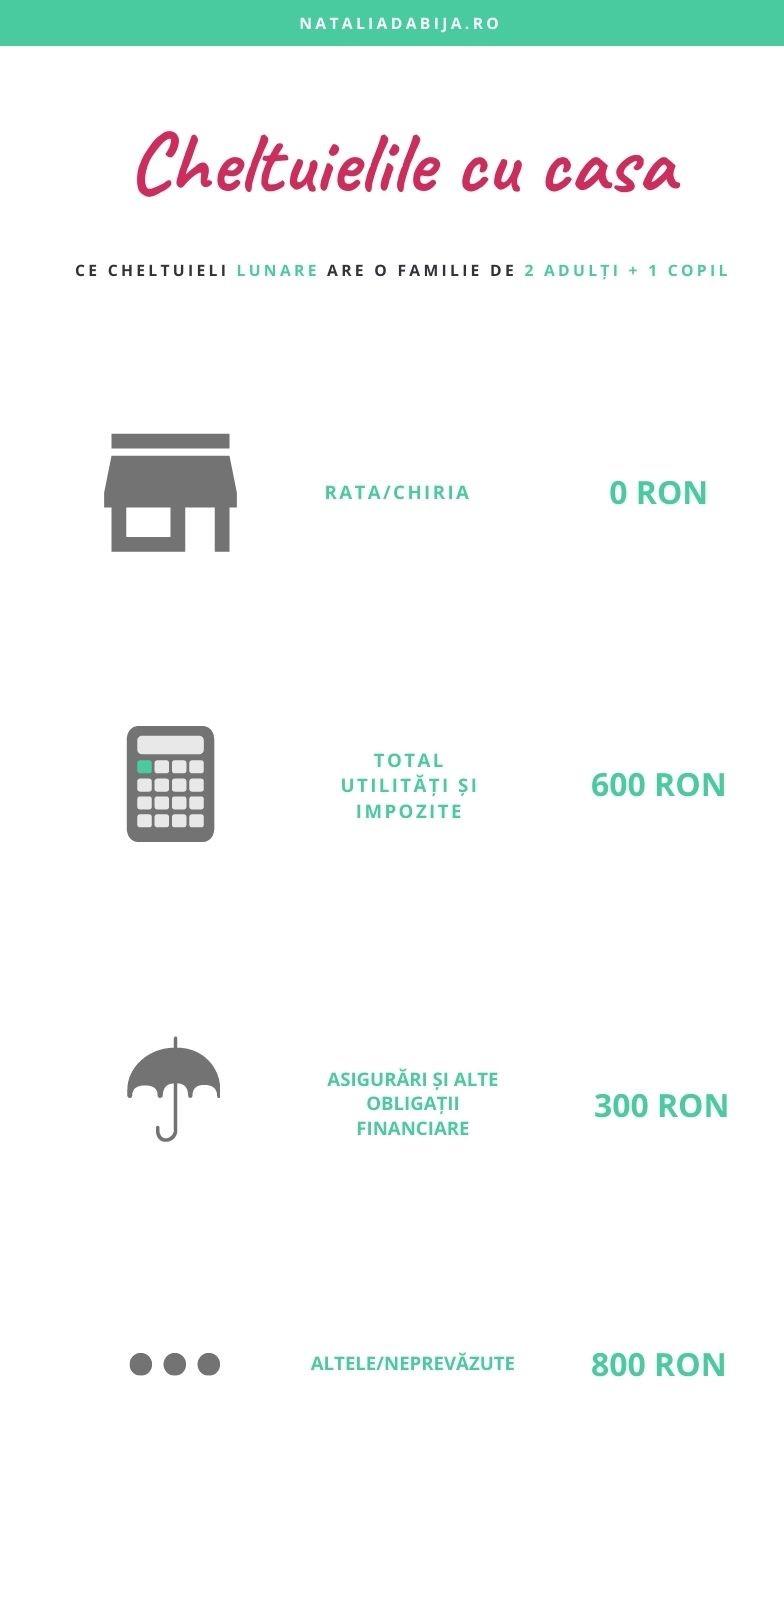 Cheltuielile cu casa ale unei familii care locuiește în Brașov: Casa - 0, Utilități - 600, Asigurări - 300, altele - 800 ron